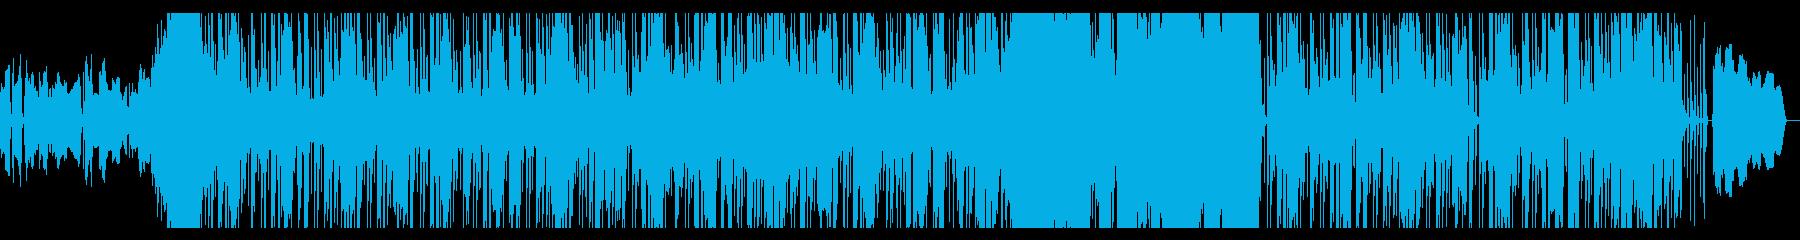 短いけれども身体を揺らせる曲の再生済みの波形